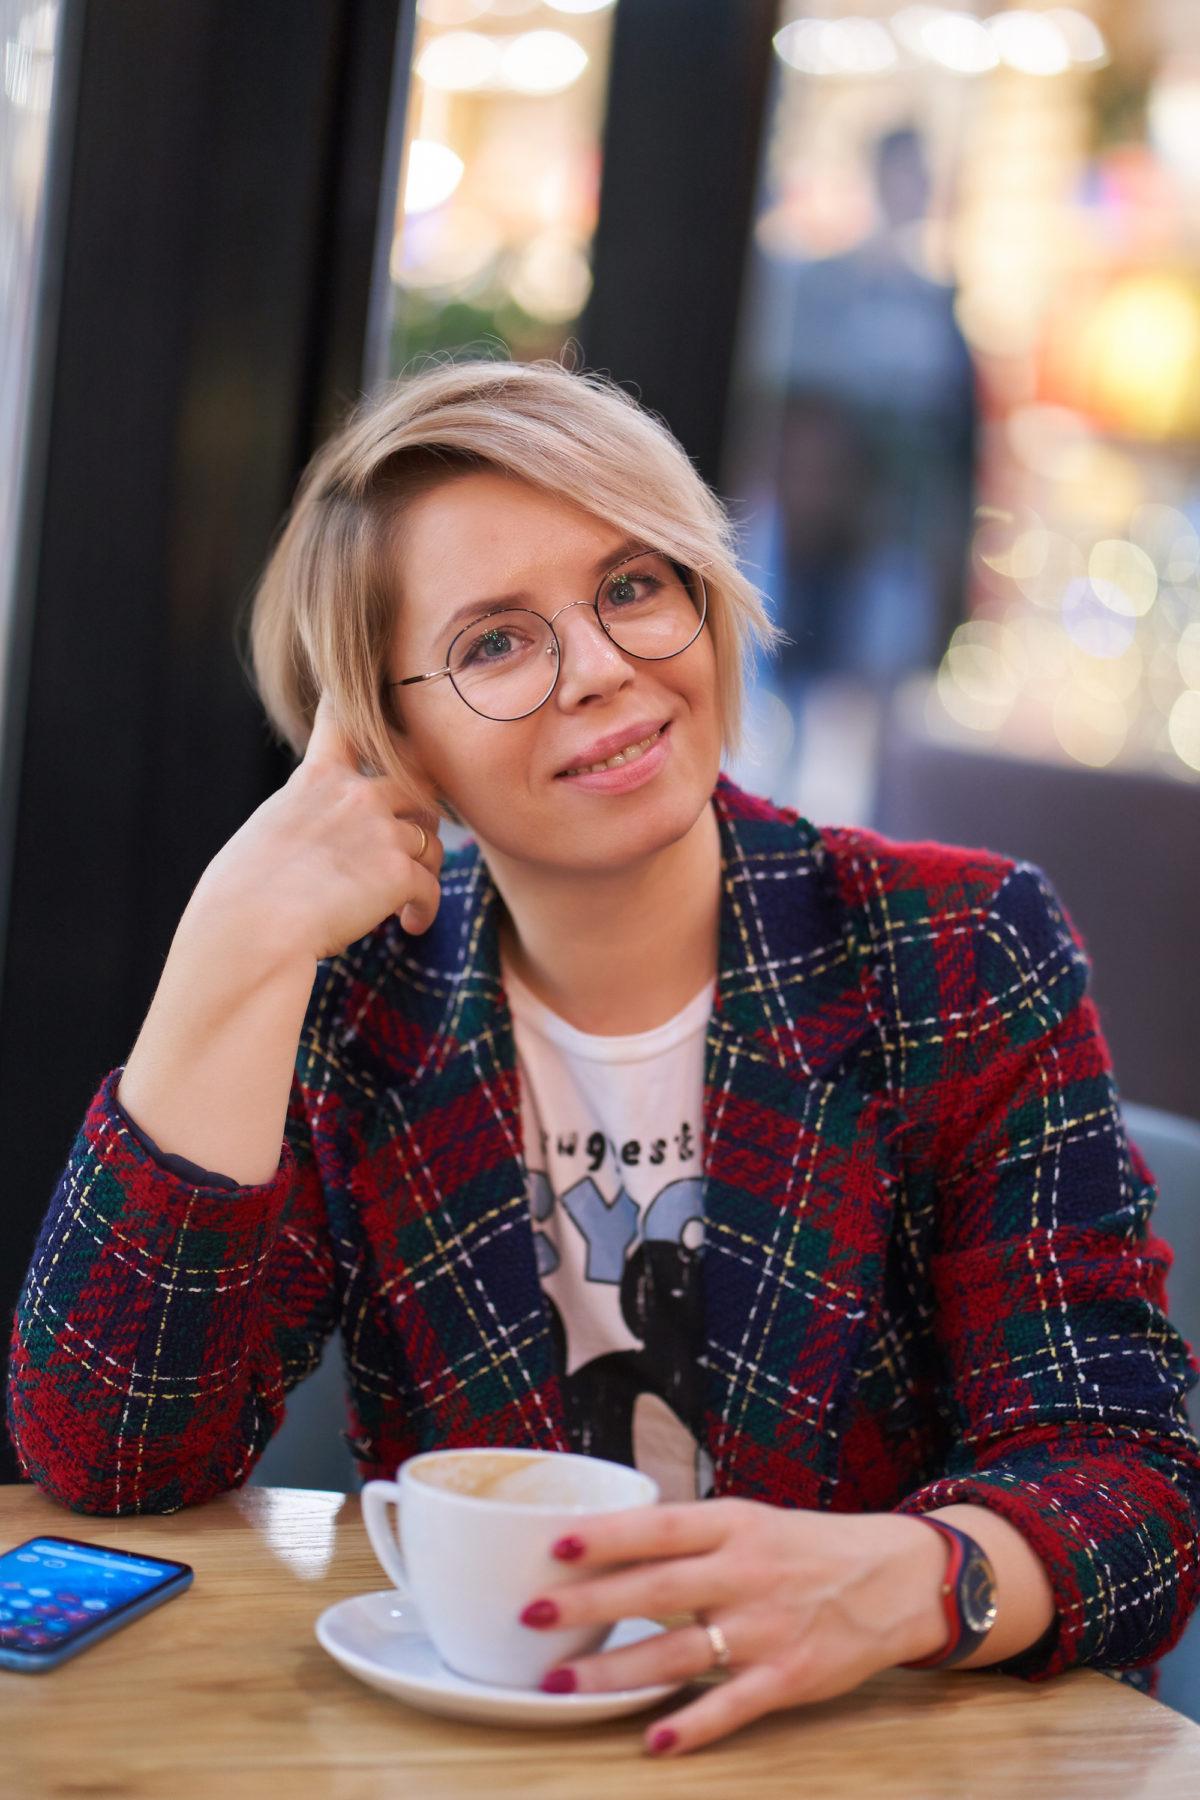 Justyna Kowalcze Osobista Stylistka radzi, co zrobić, by poczuć się piękniej.